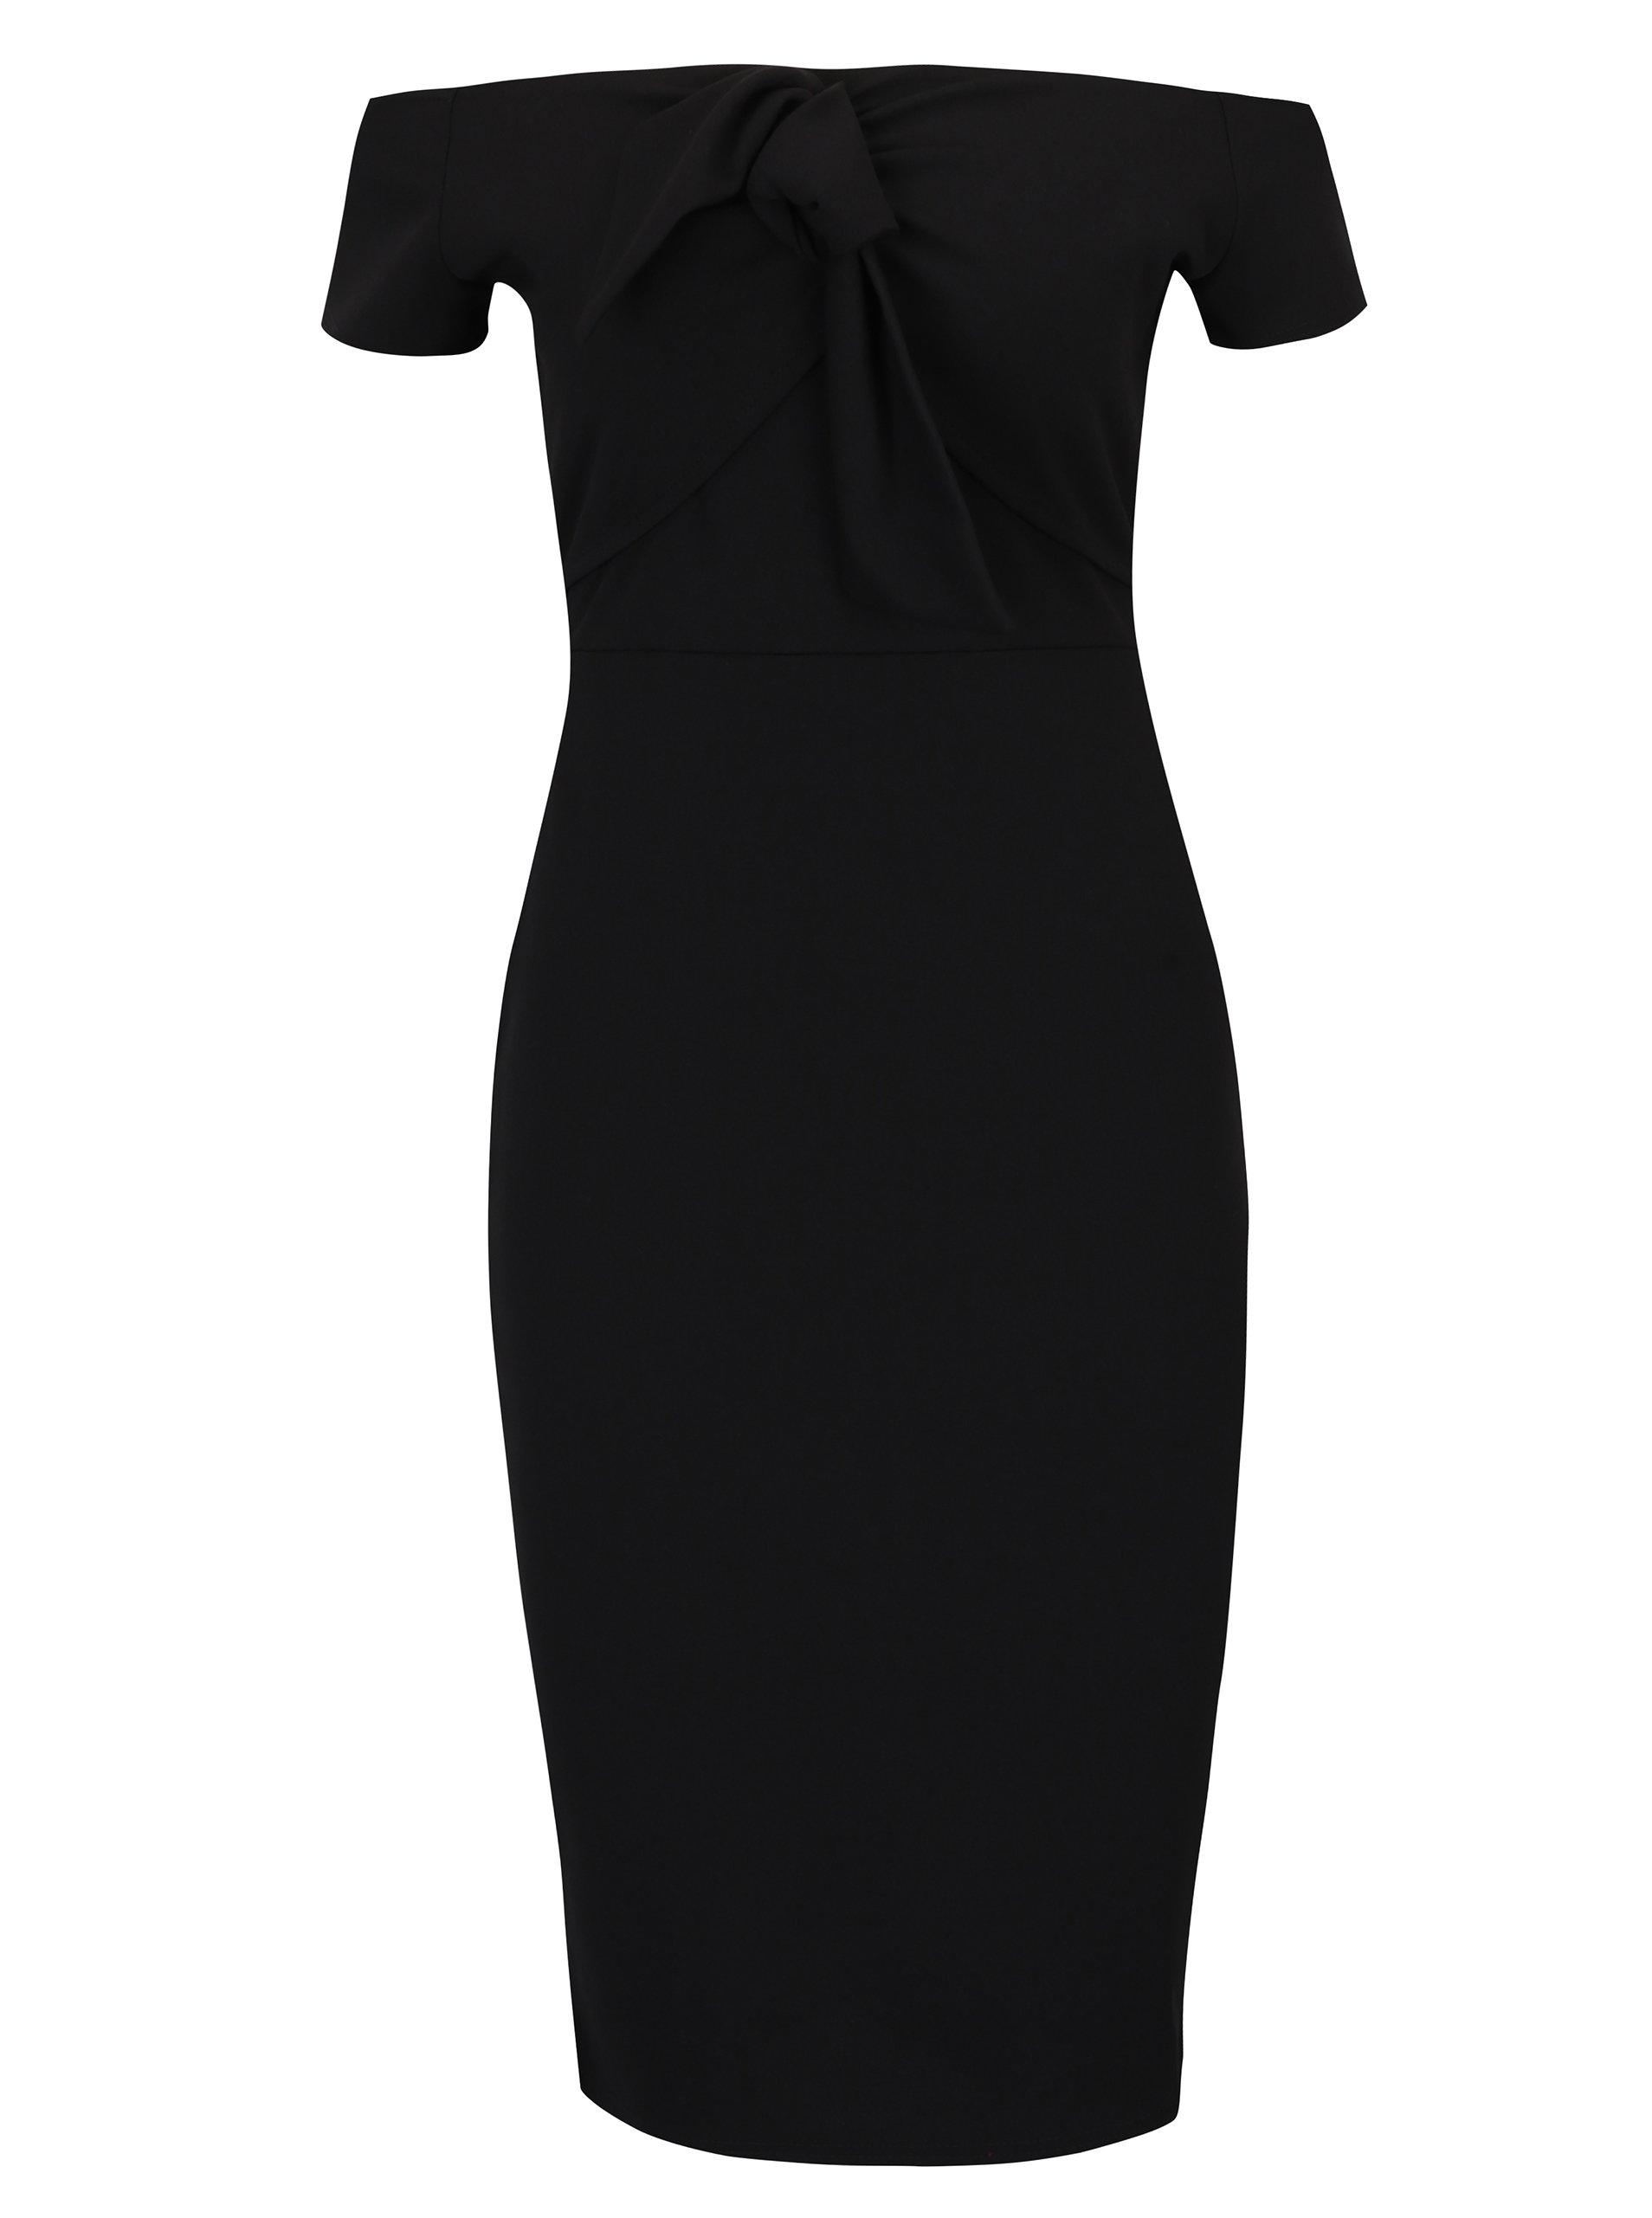 a613306d4cab Čierne puzdrové šaty s odhalenými ramenami Dorothy Perkins